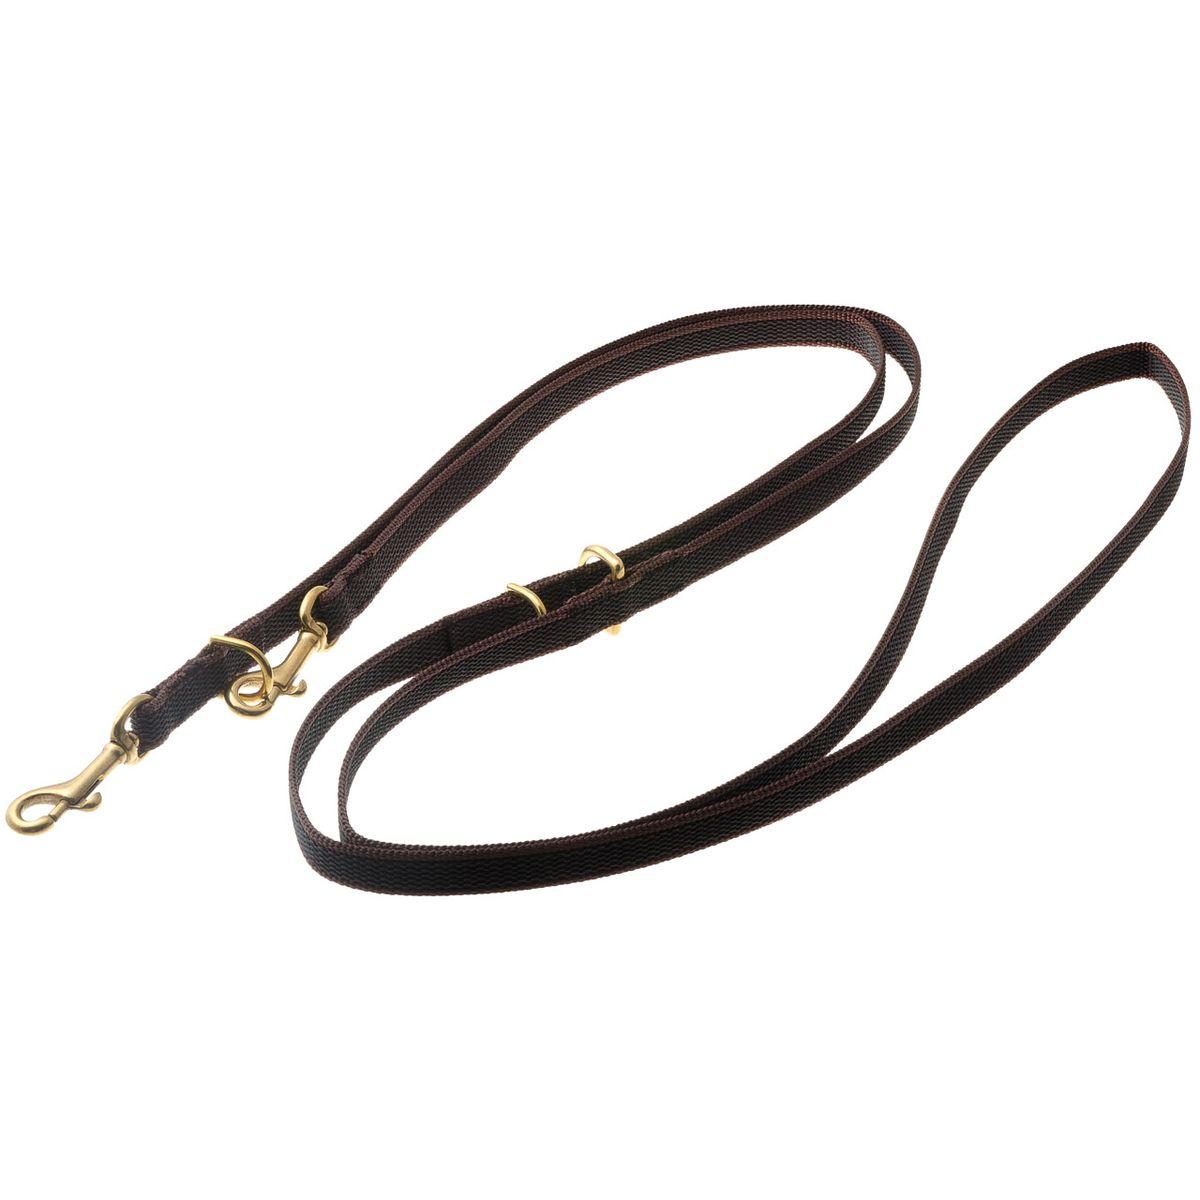 Поводок для собак V.I.Pet, цвет: золотистый, коричневый, ширина 15 мм, длина 2,6 м71-2617Поводок V.I.Pet предназначен для дрессировки собак, а также для повседневного использования, прогулок и вождения двух собак одновременно. Подойдет для самых сильных и активных собак. Не скользит в руке.